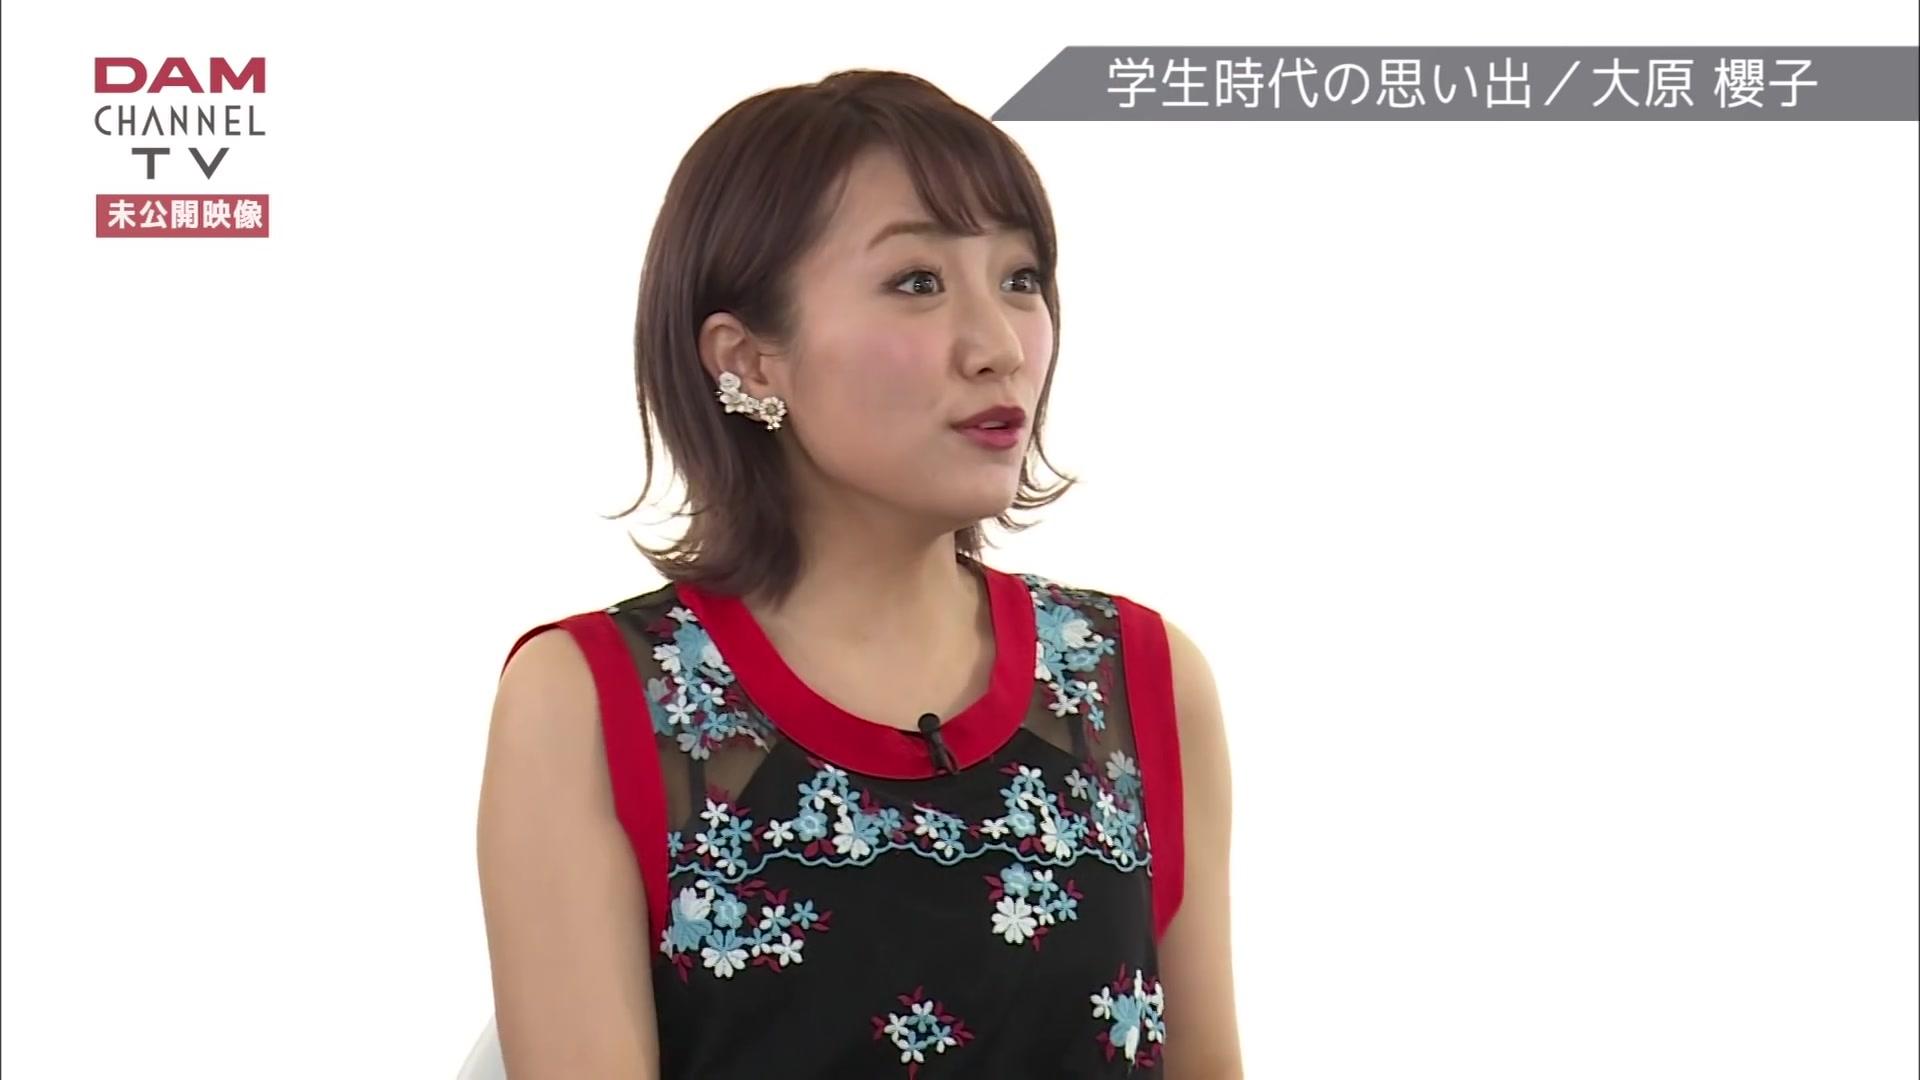 大原櫻子 170311 Dam Channel Tv 未公開映像 元akb48 高橋みなみ 哔